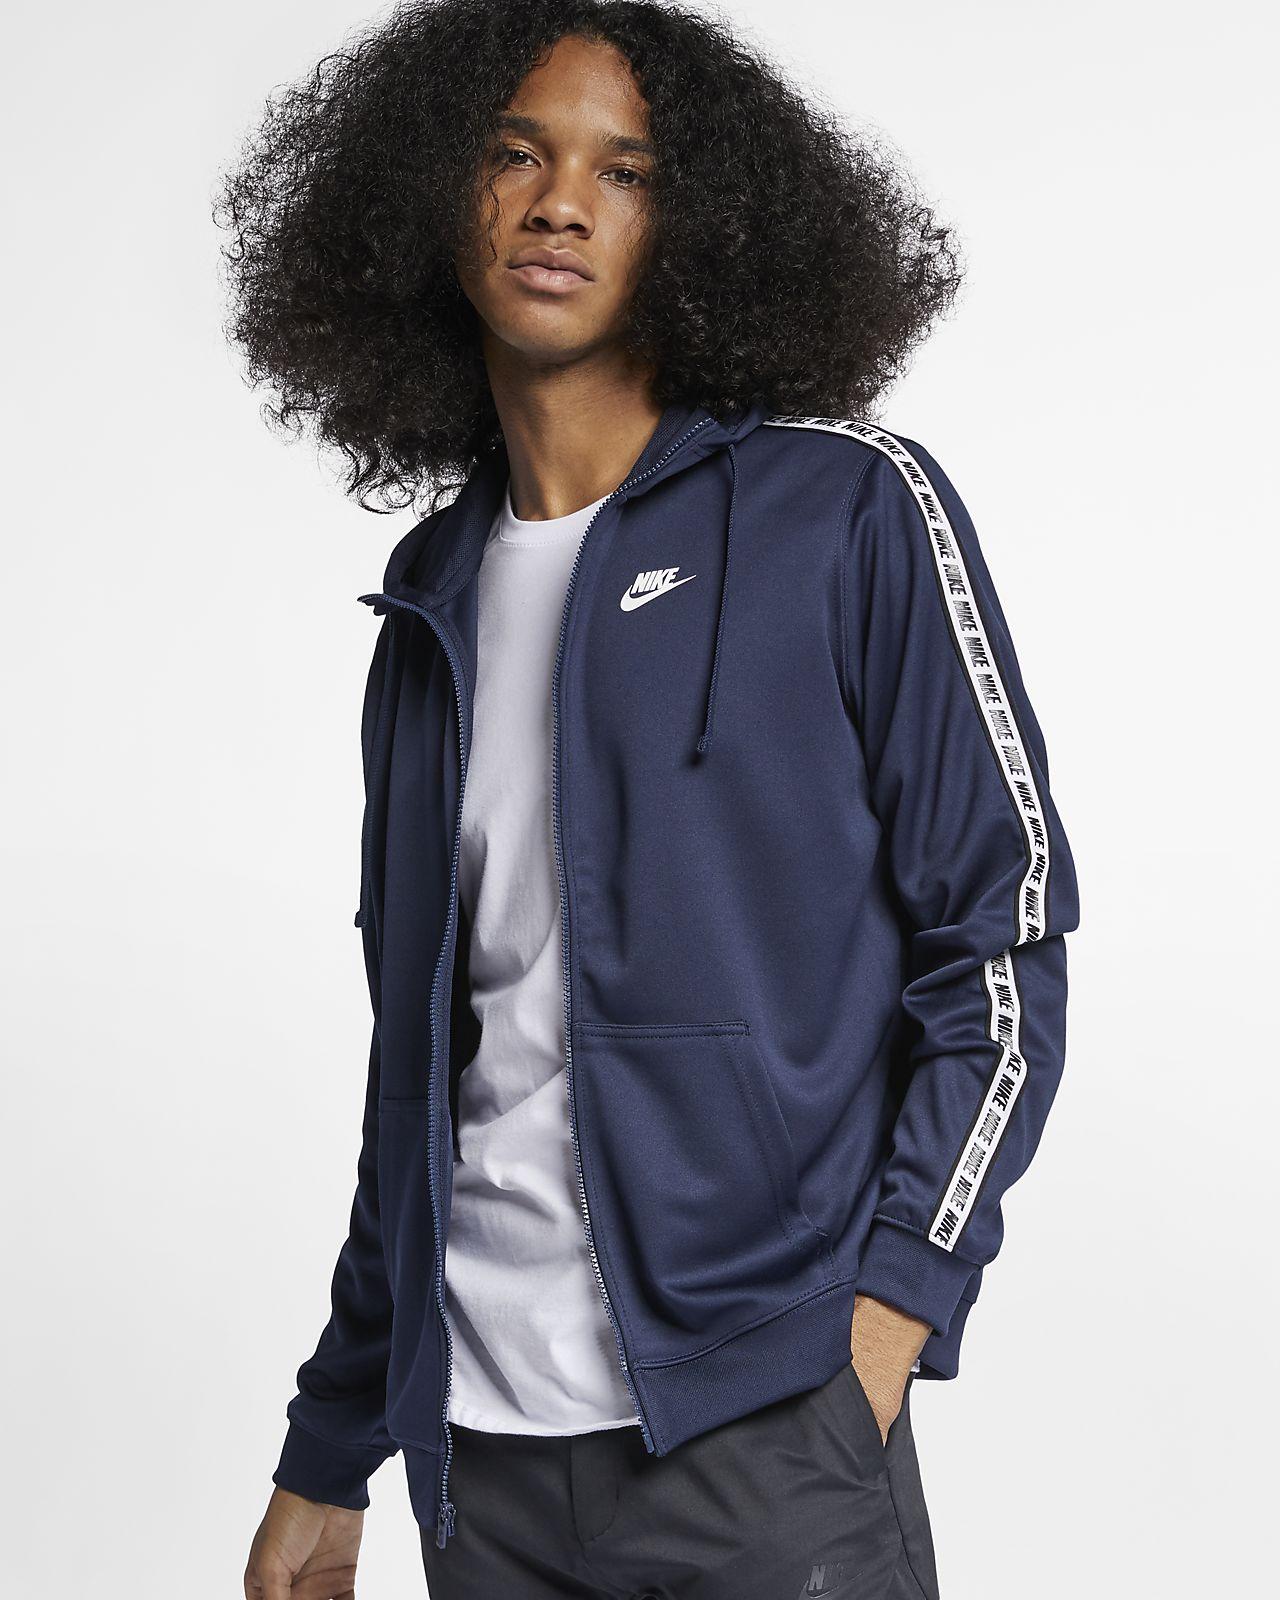 fd4ba25e Low Resolution Nike Sportswear hettejakke for herre Nike Sportswear  hettejakke for herre